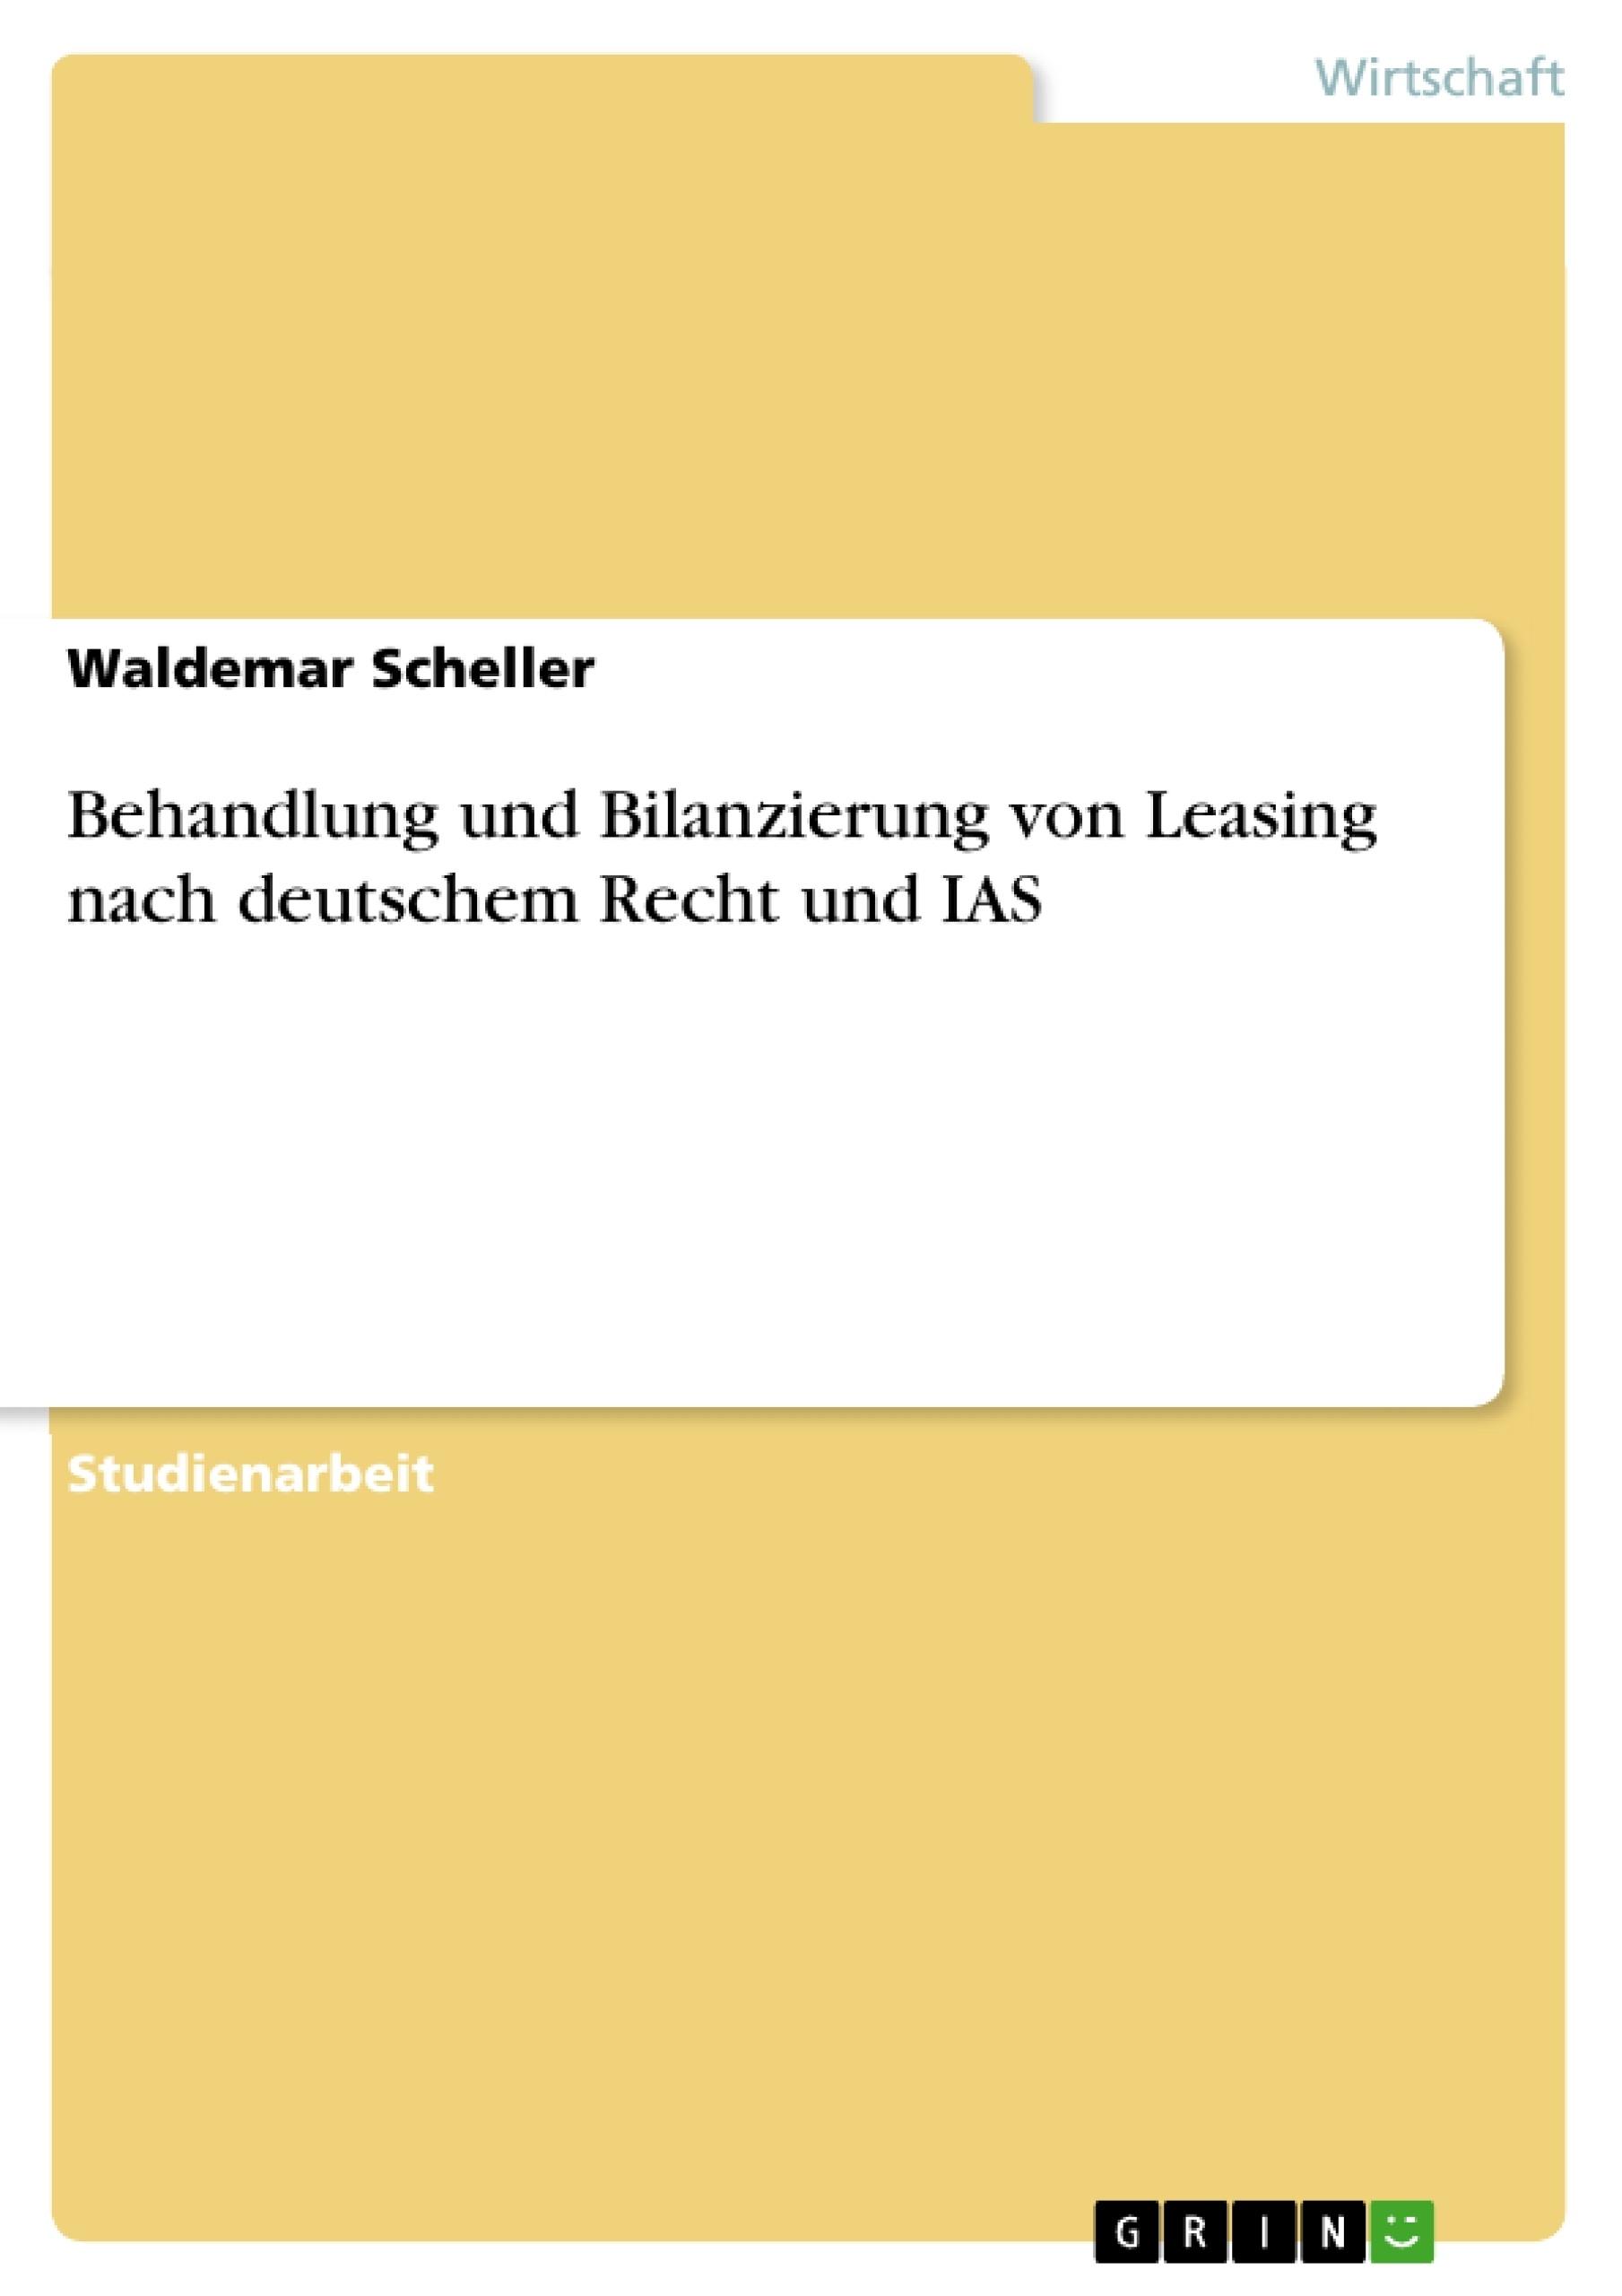 Titel: Behandlung und Bilanzierung von Leasing nach deutschem Recht und IAS